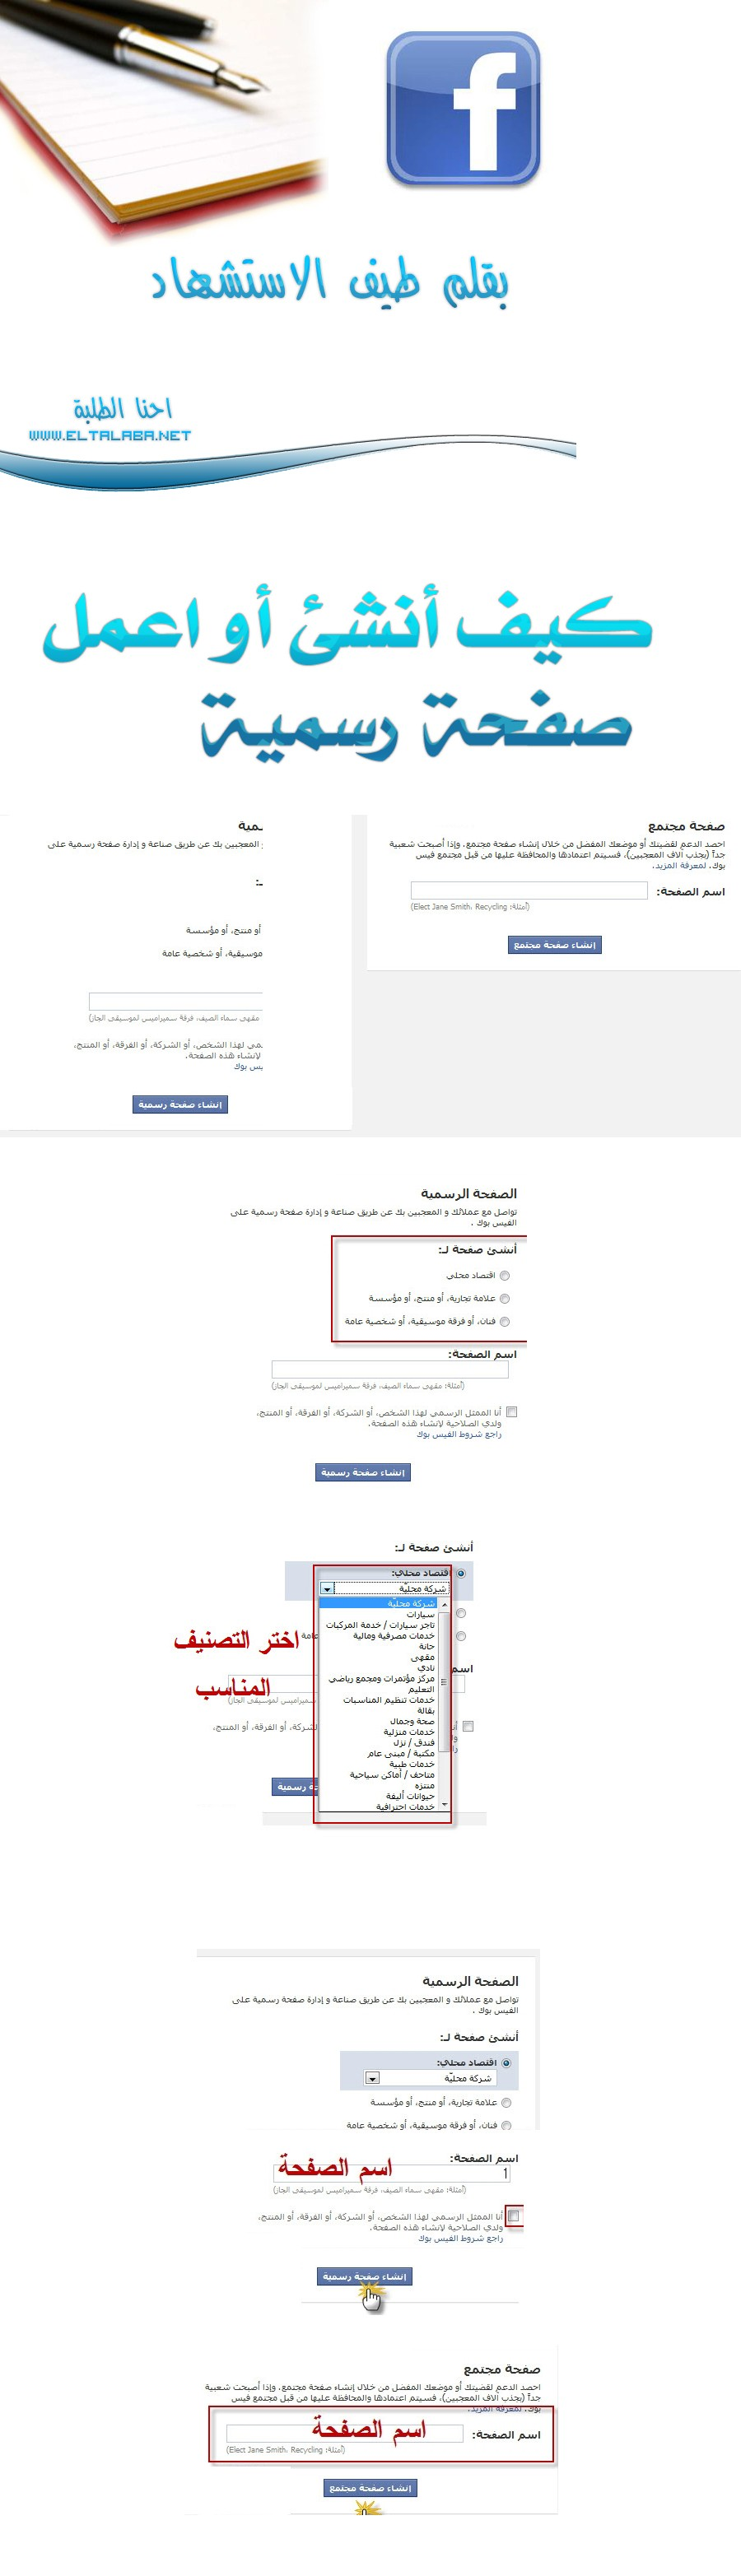 درس انشاء صفحة رسمية على الفايسبوك   Untitl18